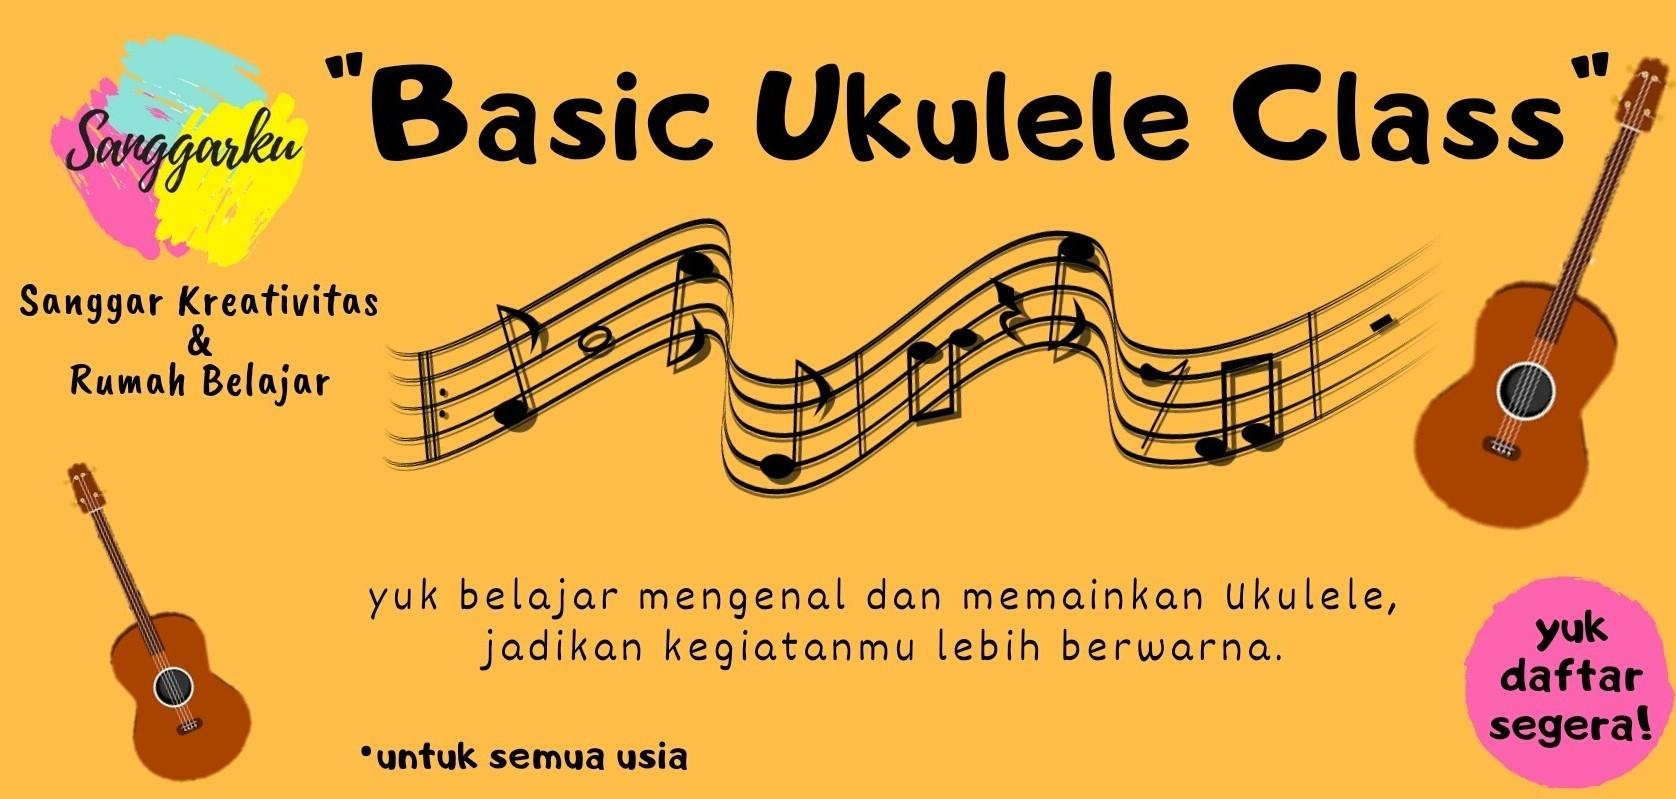 kursus Musik Sanggarku - Basic Ukulele Class